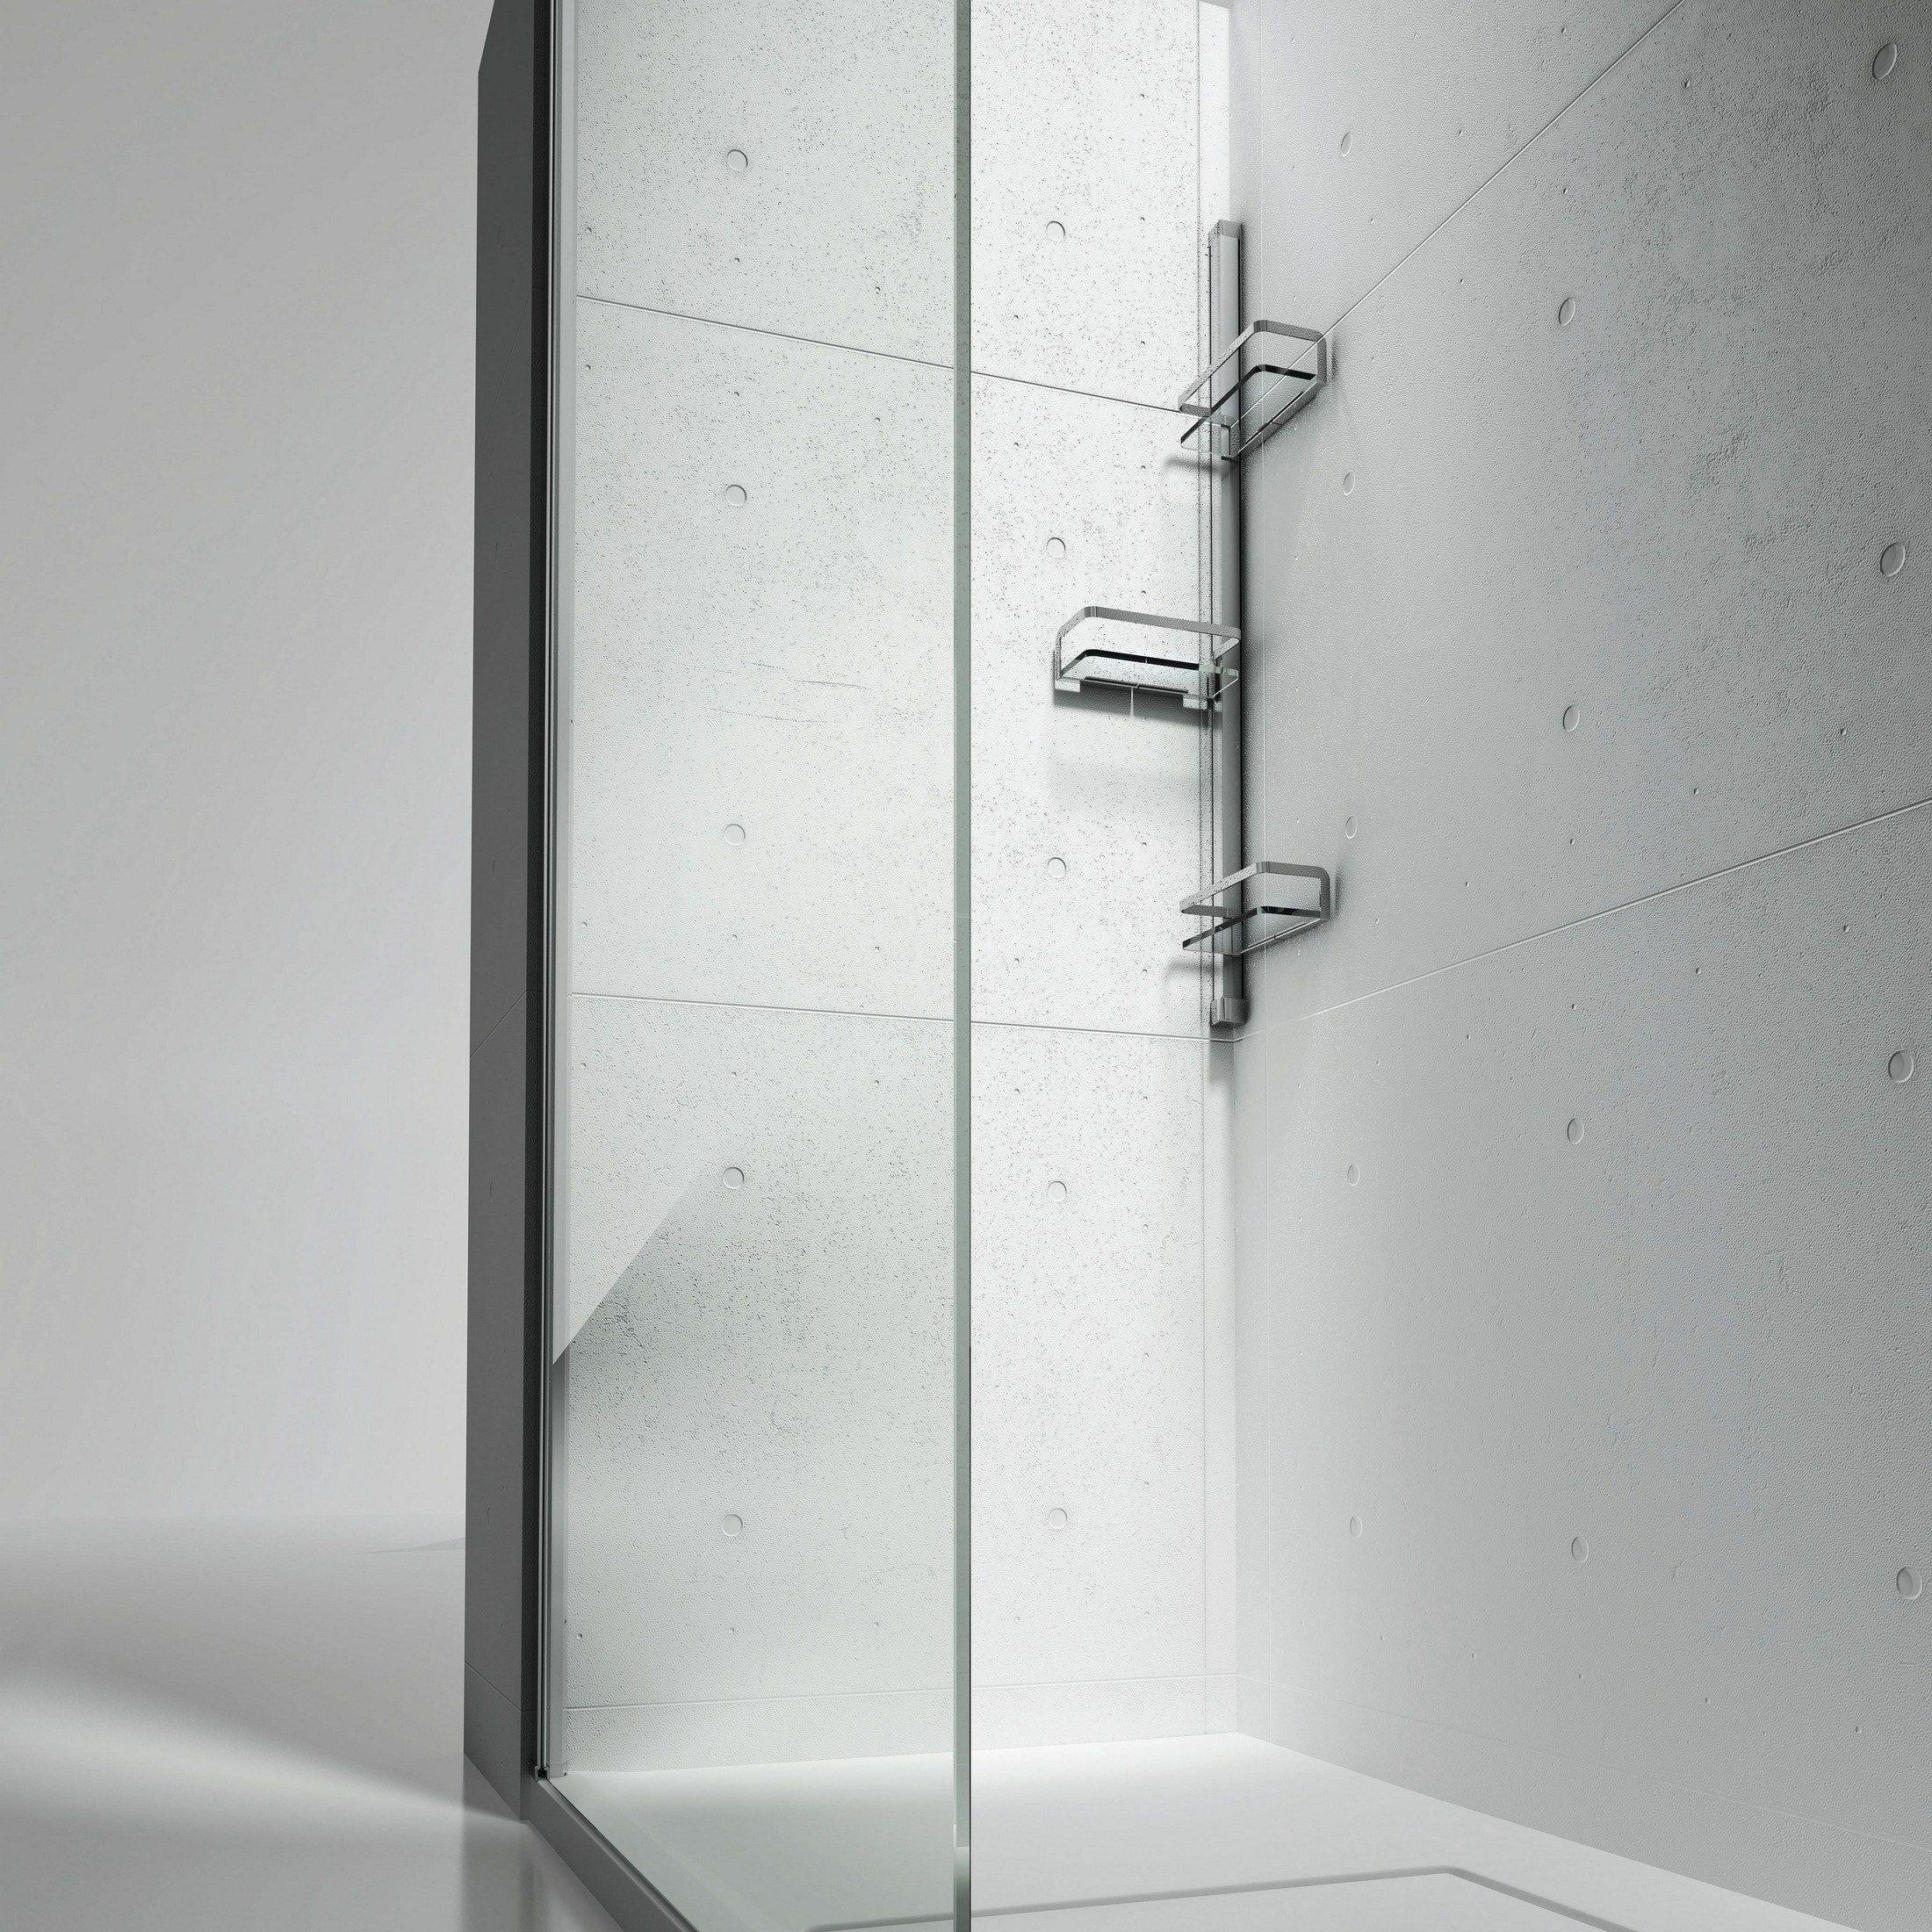 Colonna attrezzata per doccia basket by vismaravetro - Accessori bagno portaoggetti ...